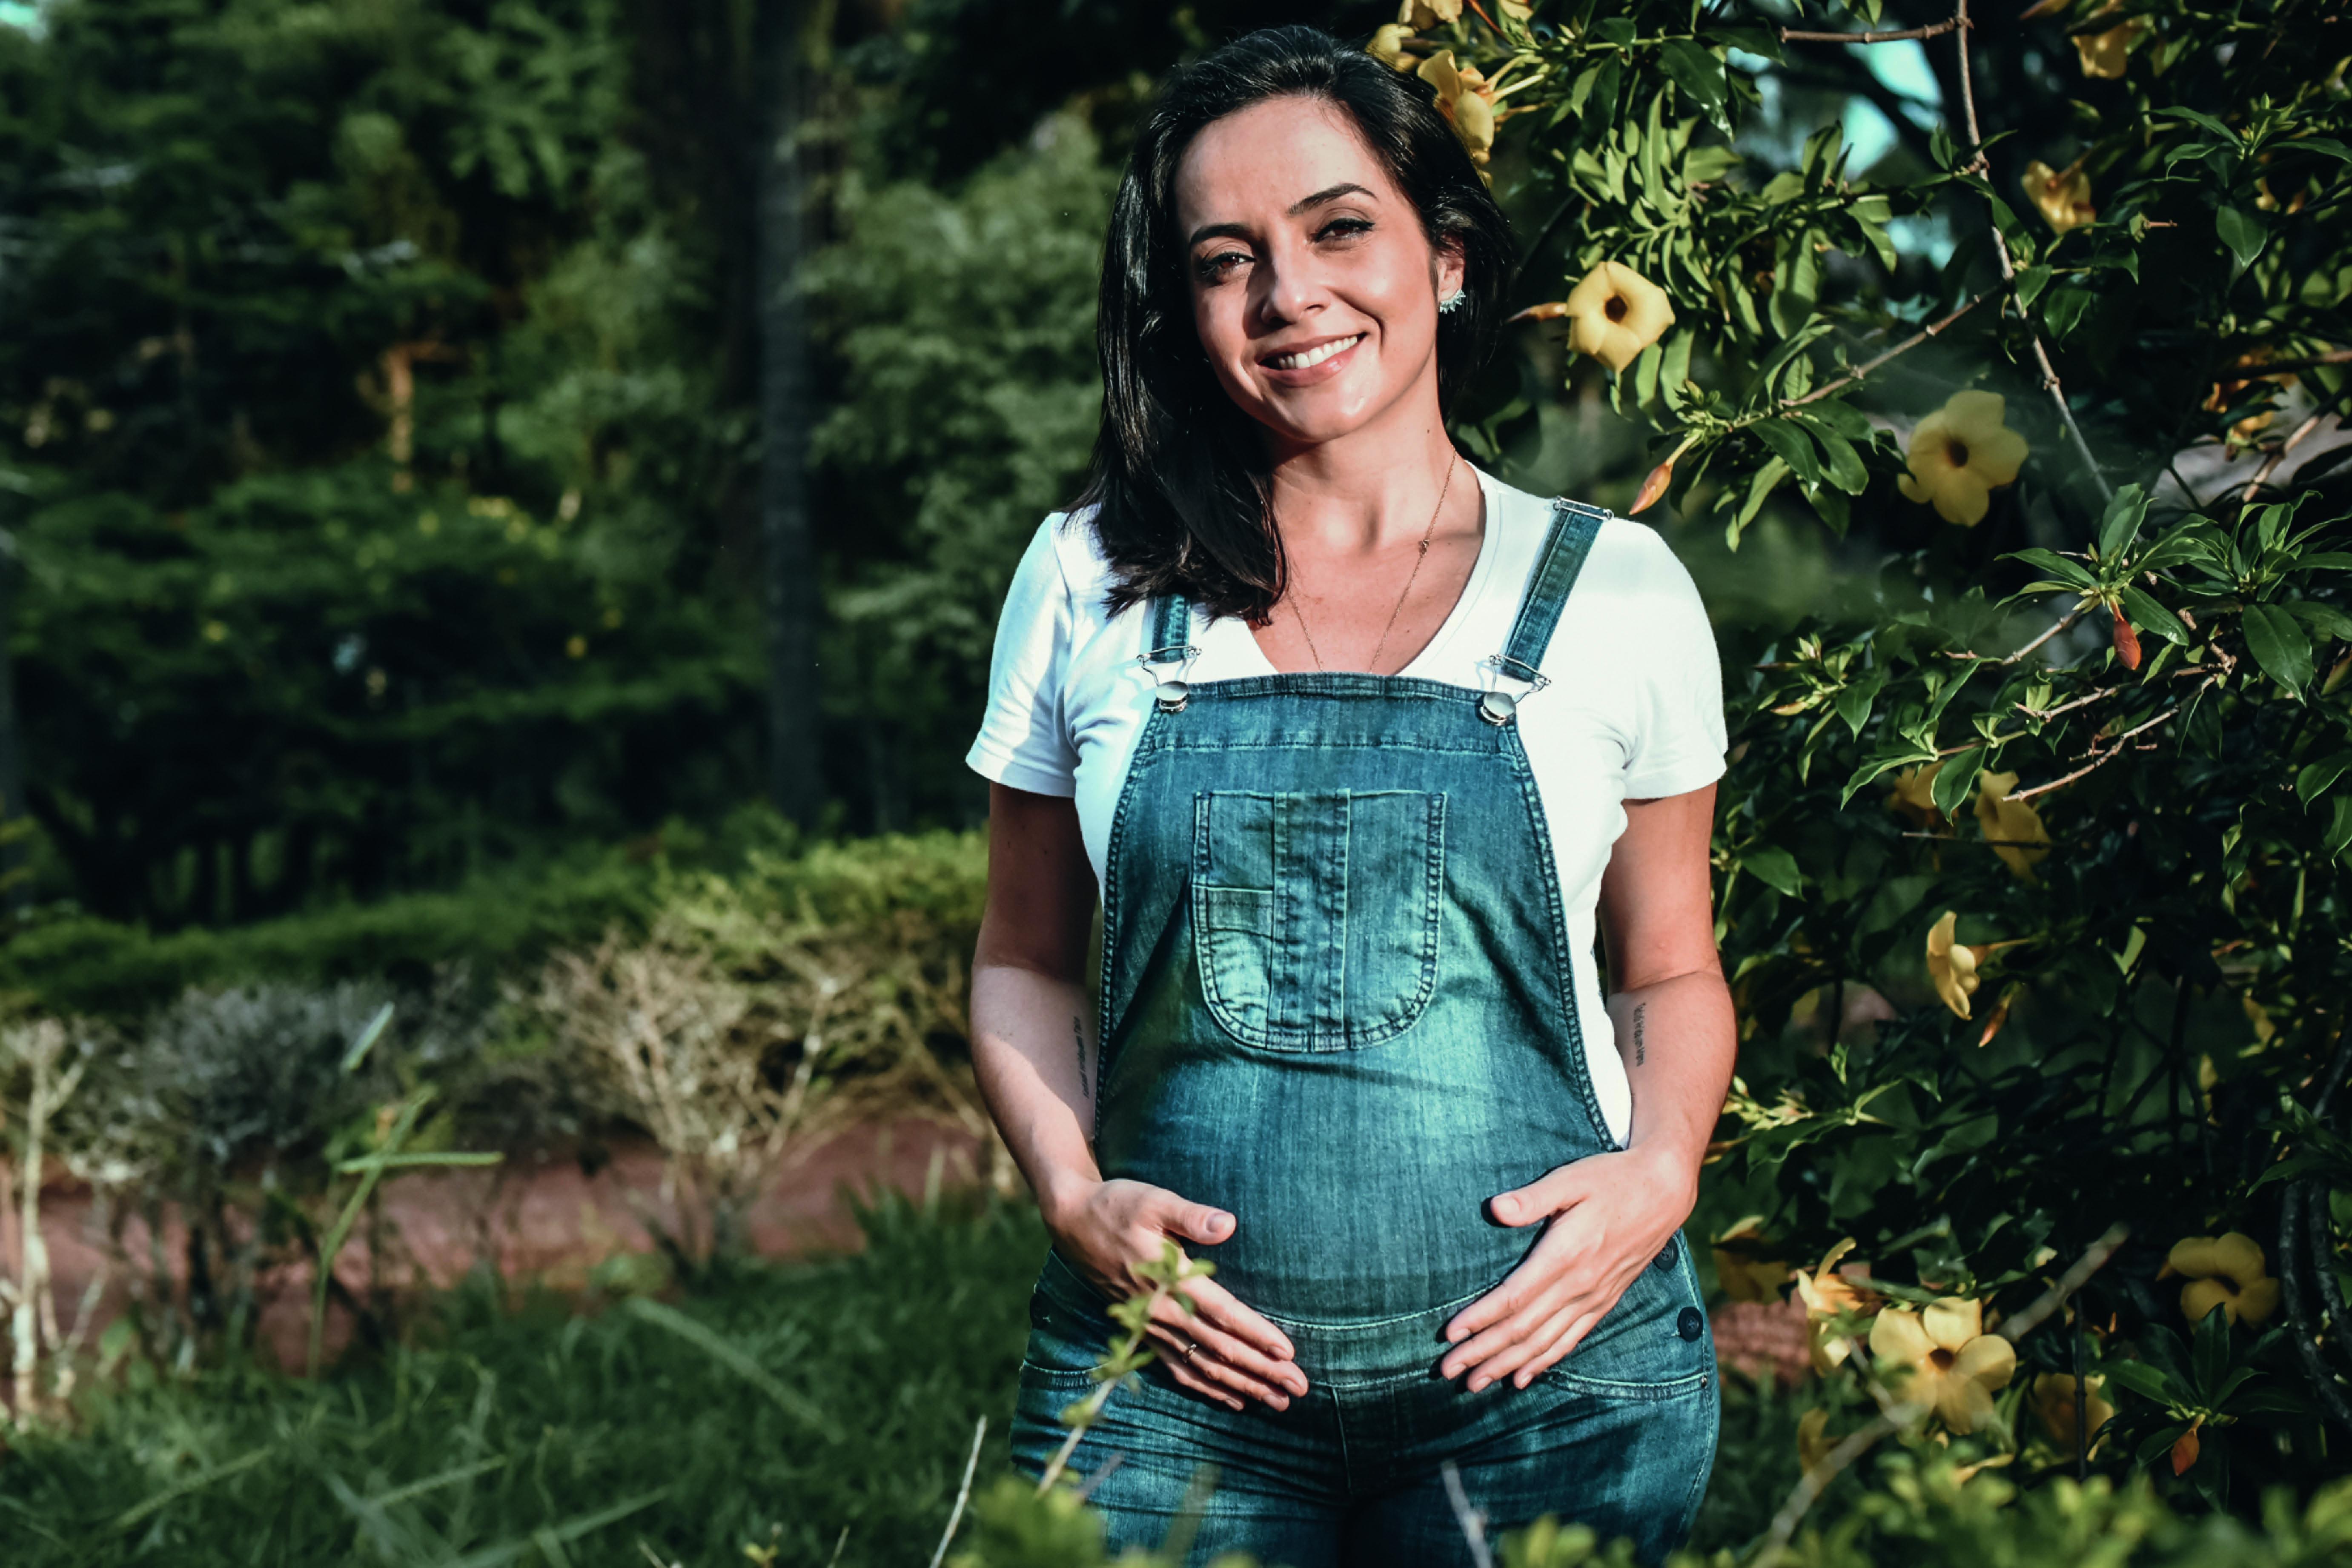 Izabella posa com a gravidez adiantada